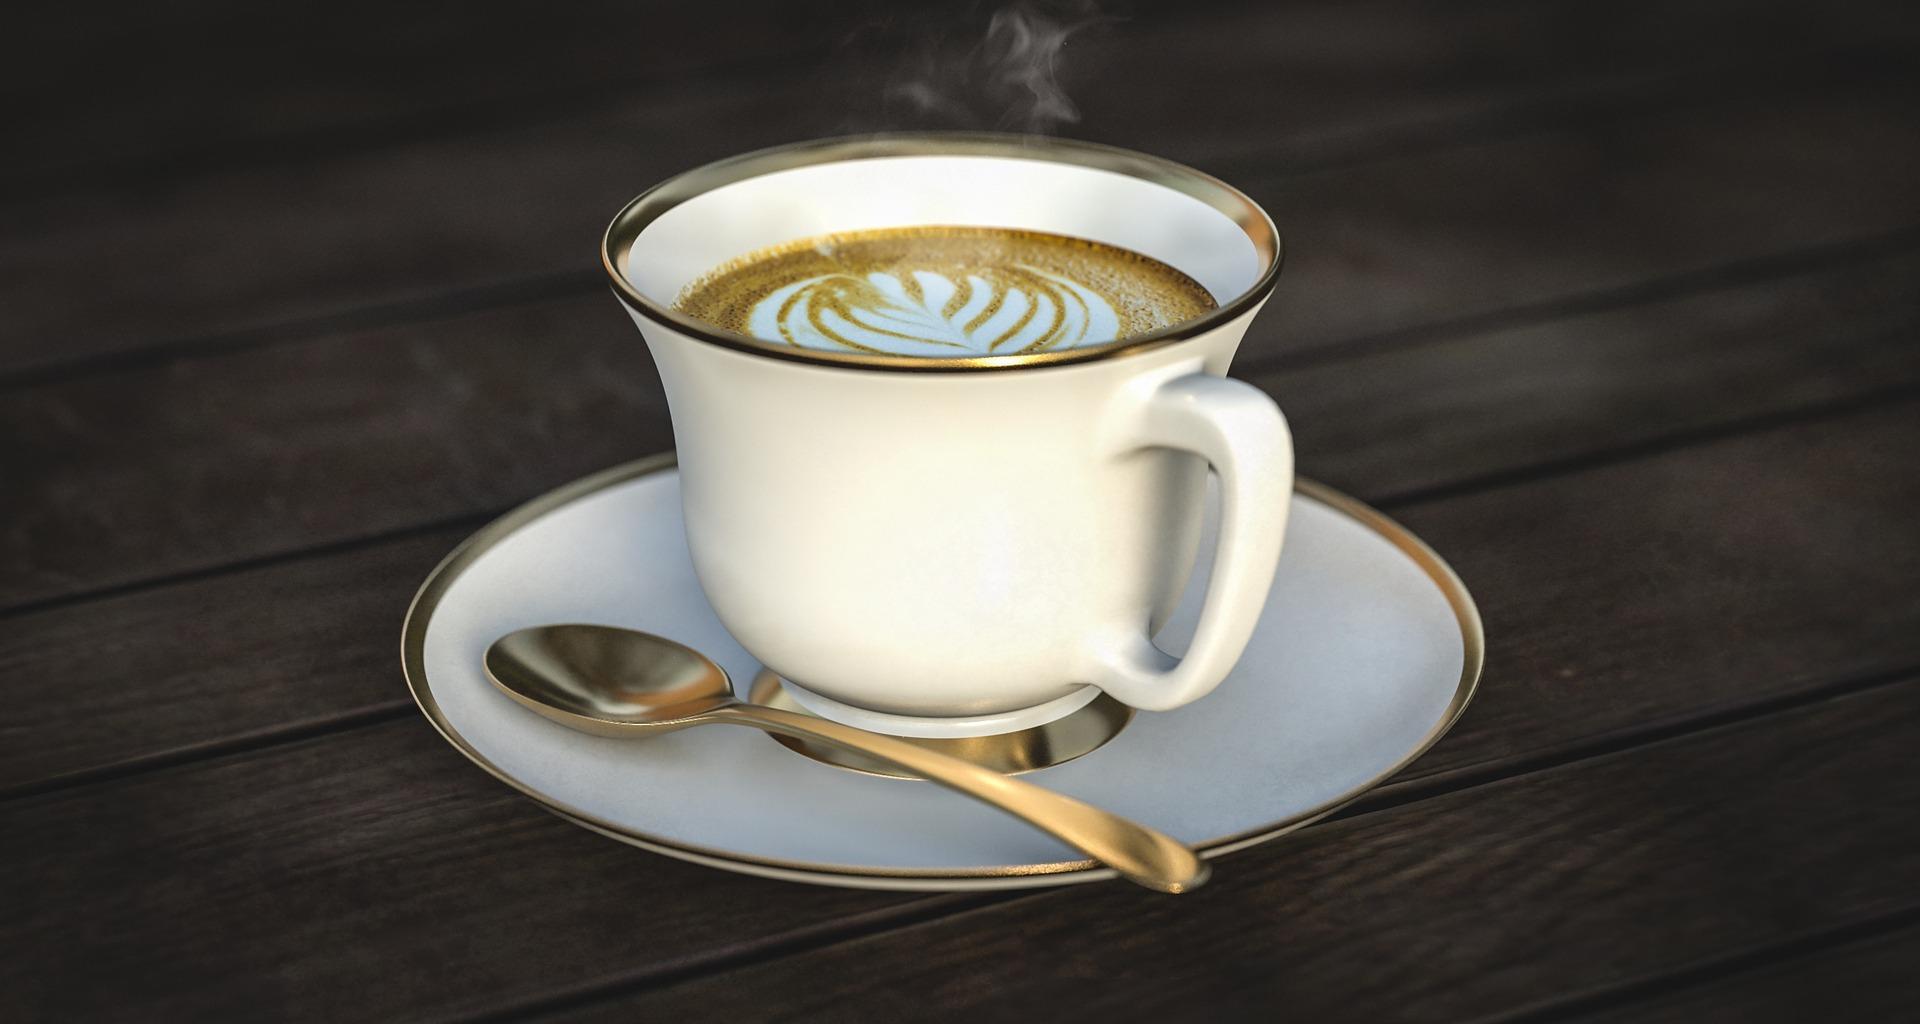 El Capuchino italiano solo se toma por la mañana, por la tarde los italianos toman espresso.